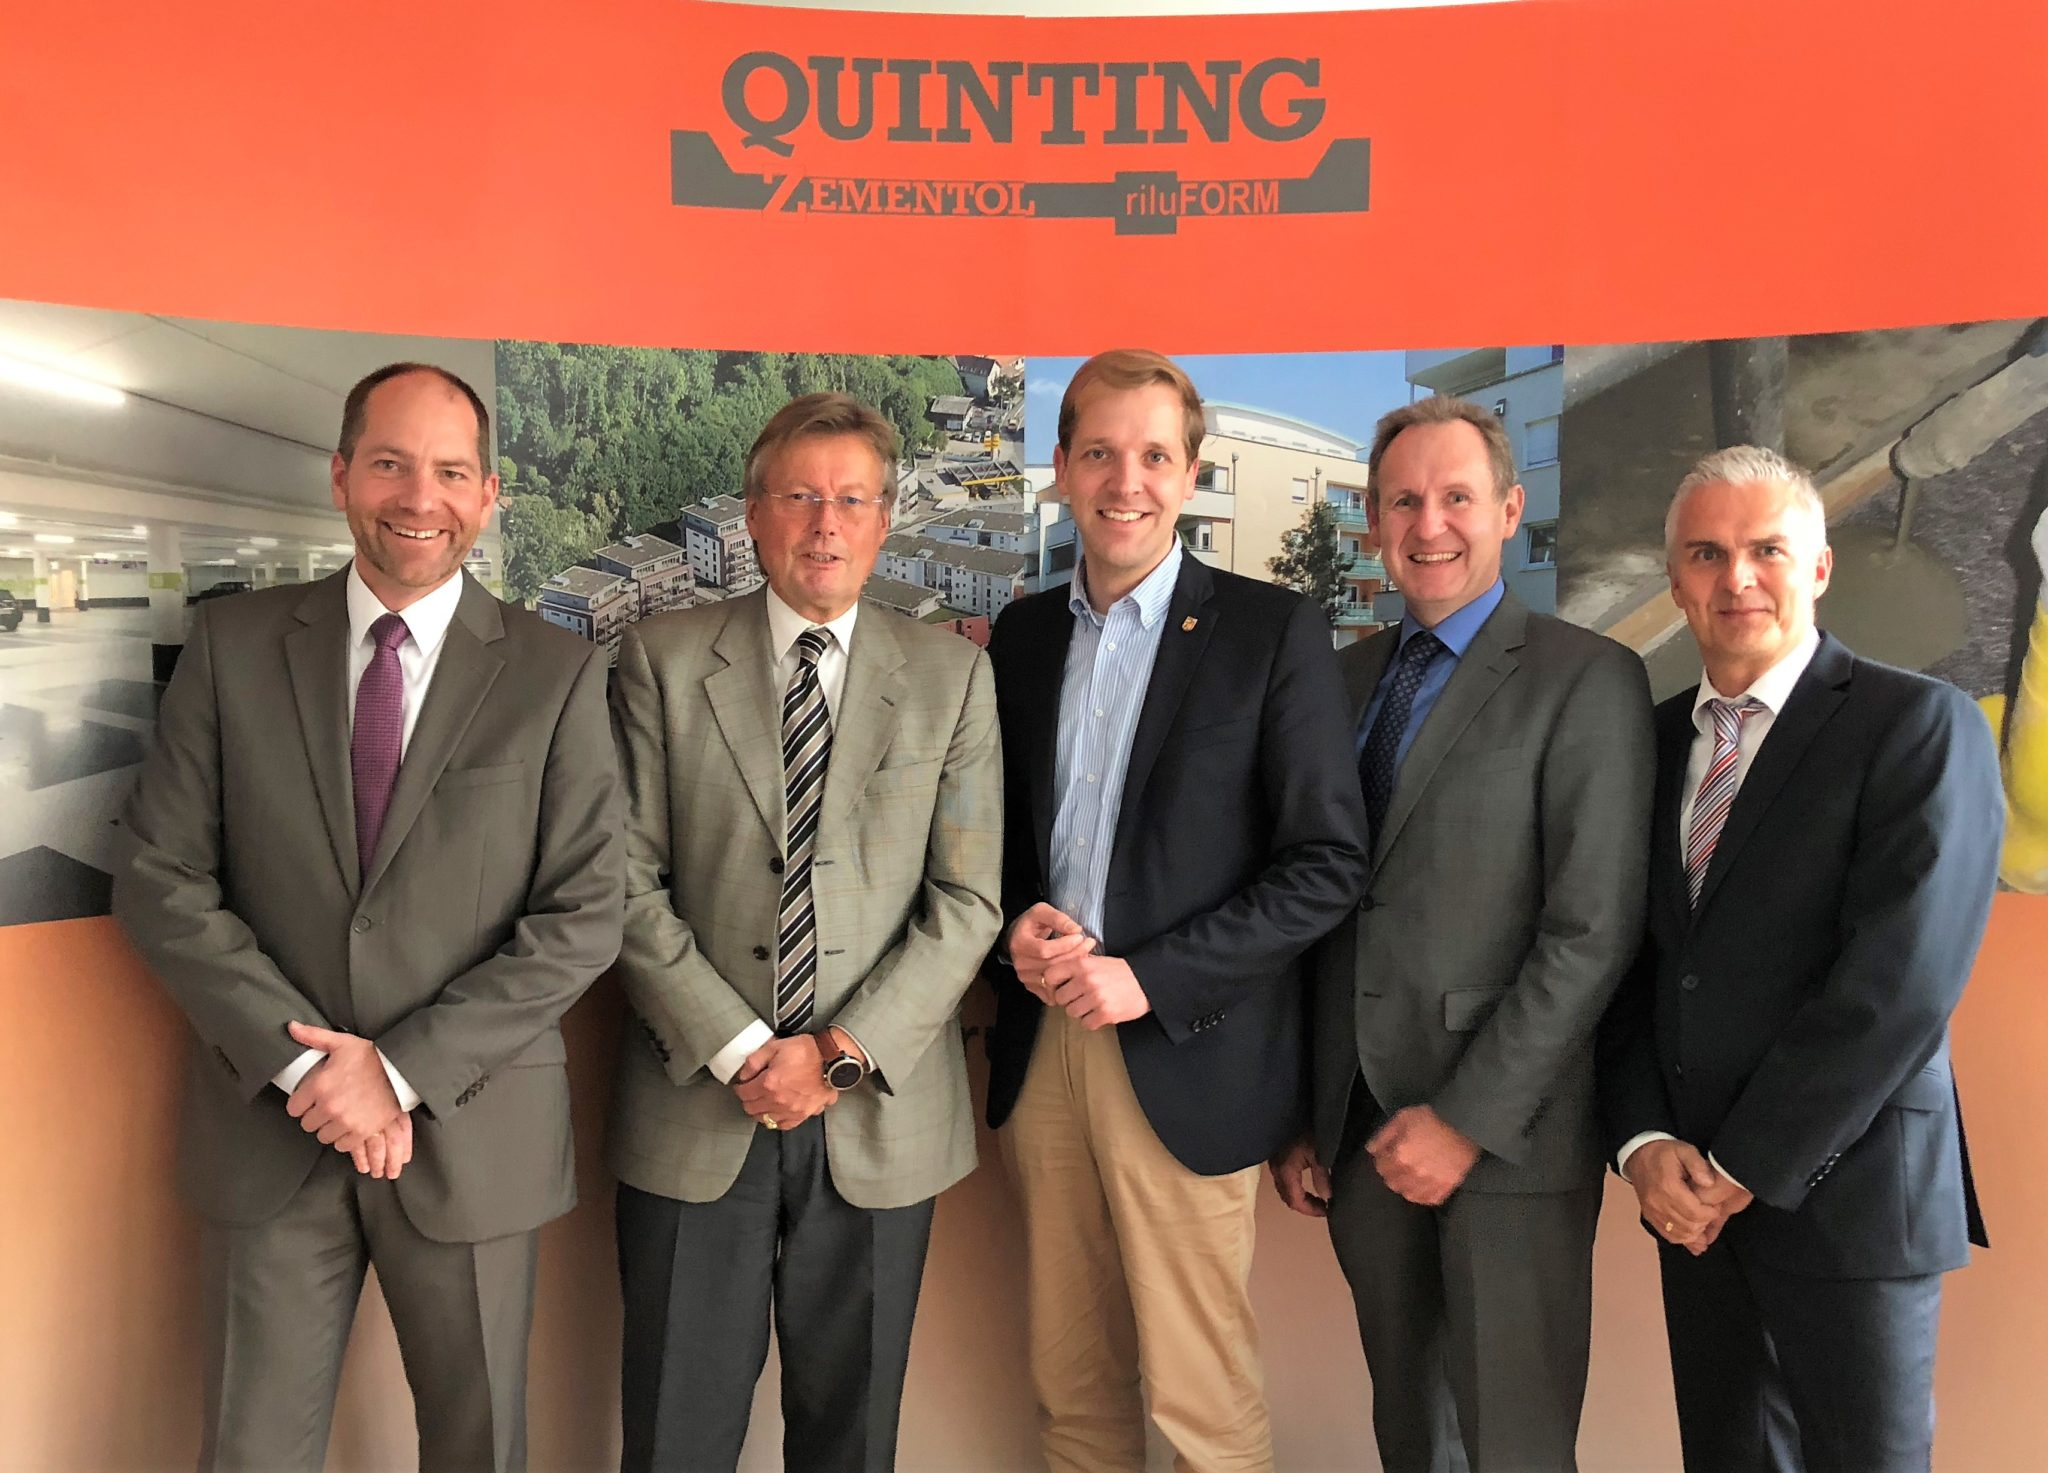 Landrat Dr. Schulze Pellengahr und wfc zu Besuch bei der die Quinting Zemtentol GmbH in Ascheberg-Herbern